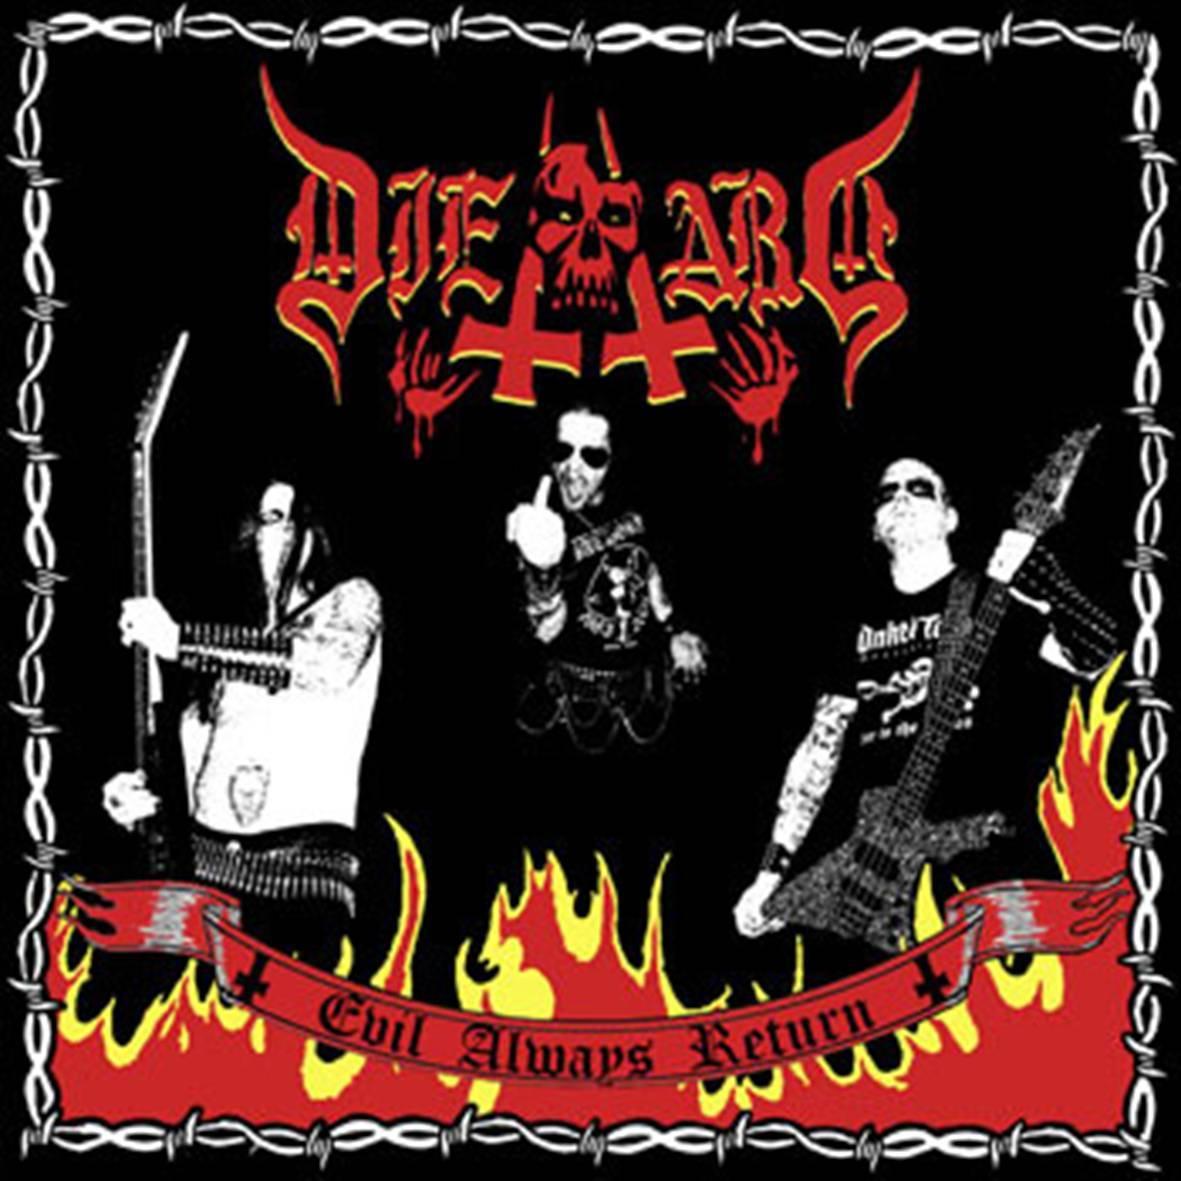 CD Die Hard - Evil Always Return